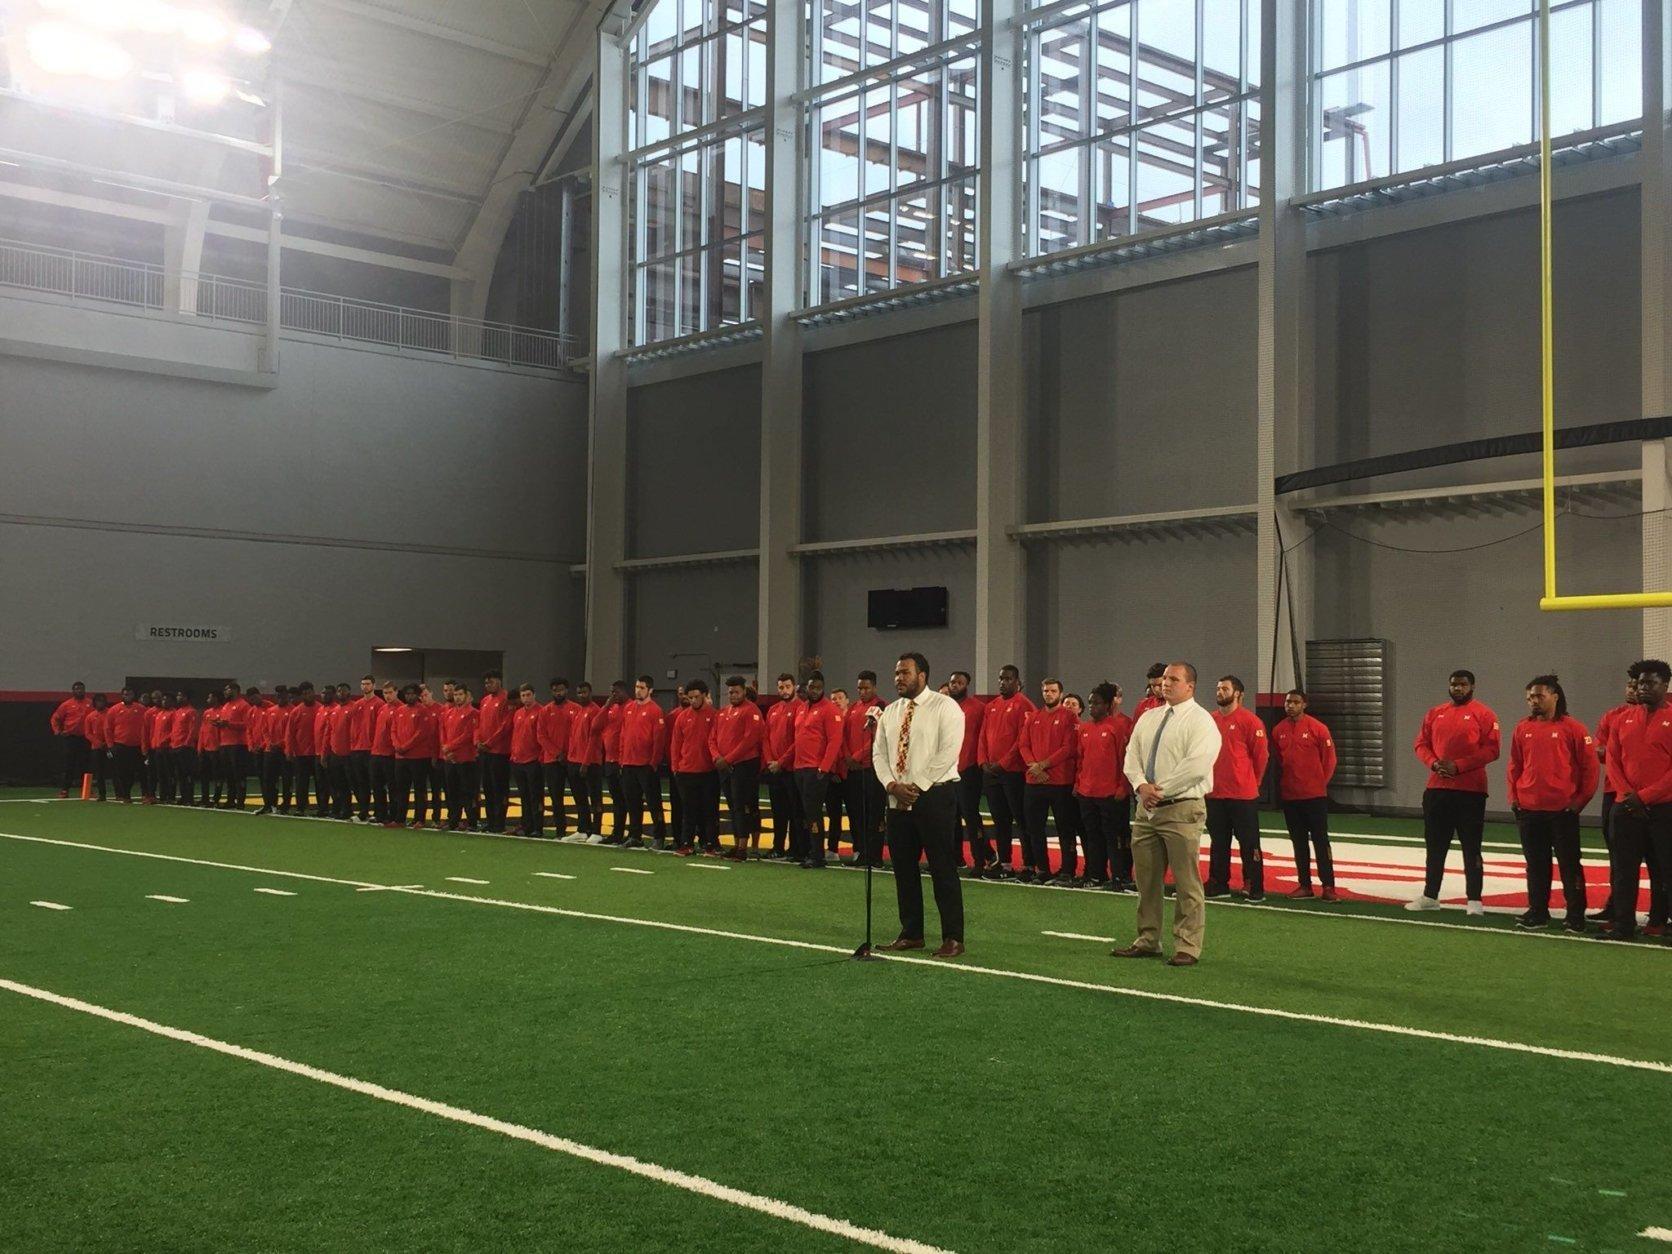 University of Maryland football players honor Jordan McNair by wearing his #79 on their helmets, encasing his locker in glass. (WTOP/Melissa Howell)